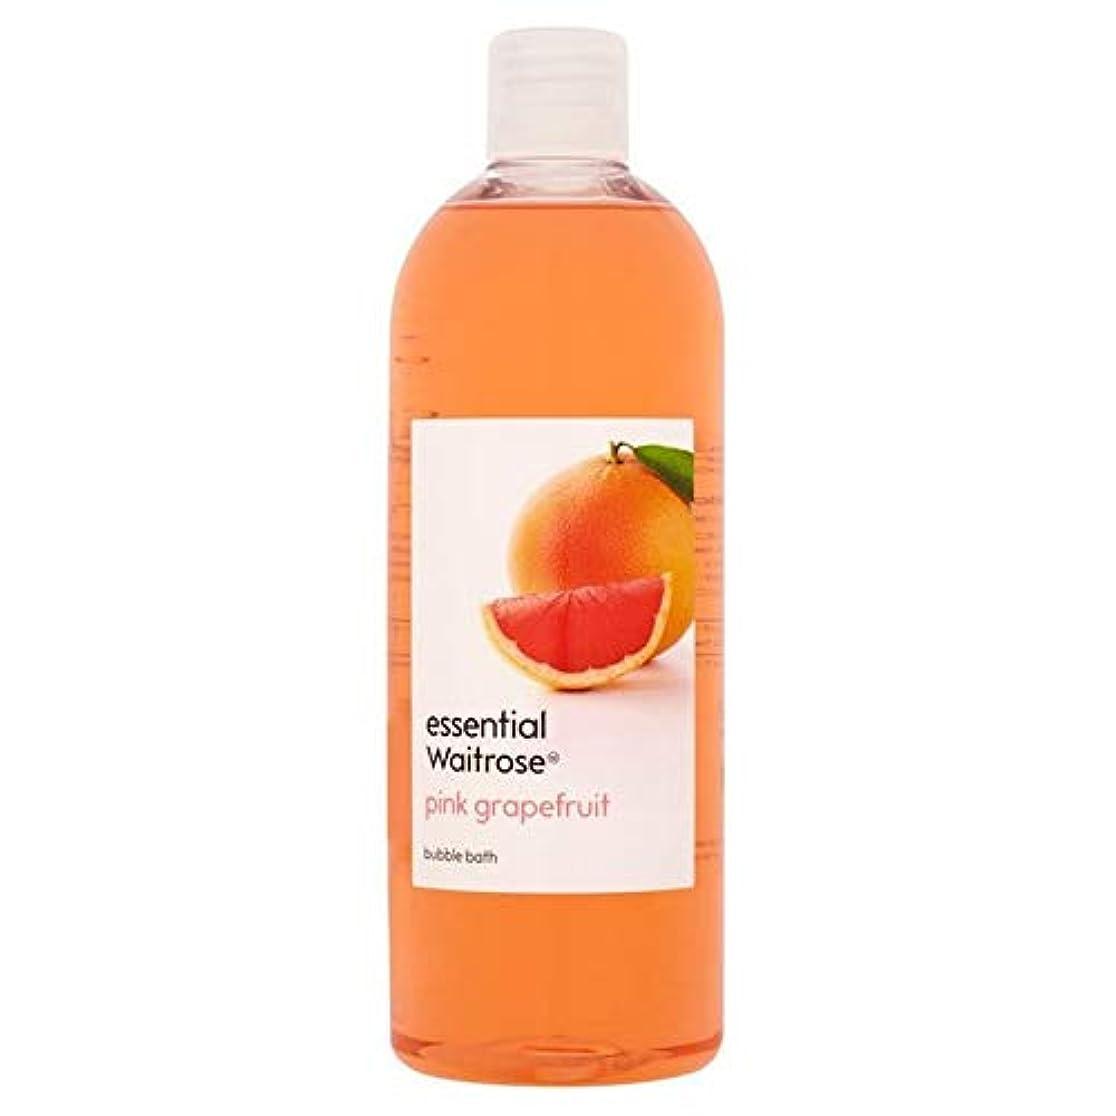 疎外する兵器庫アミューズ[Waitrose ] 基本的なウェイトローズの泡風呂ピンクグレープフルーツ750ミリリットル - Essential Waitrose Bubble Bath Pink Grapefruit 750ml [並行輸入品]